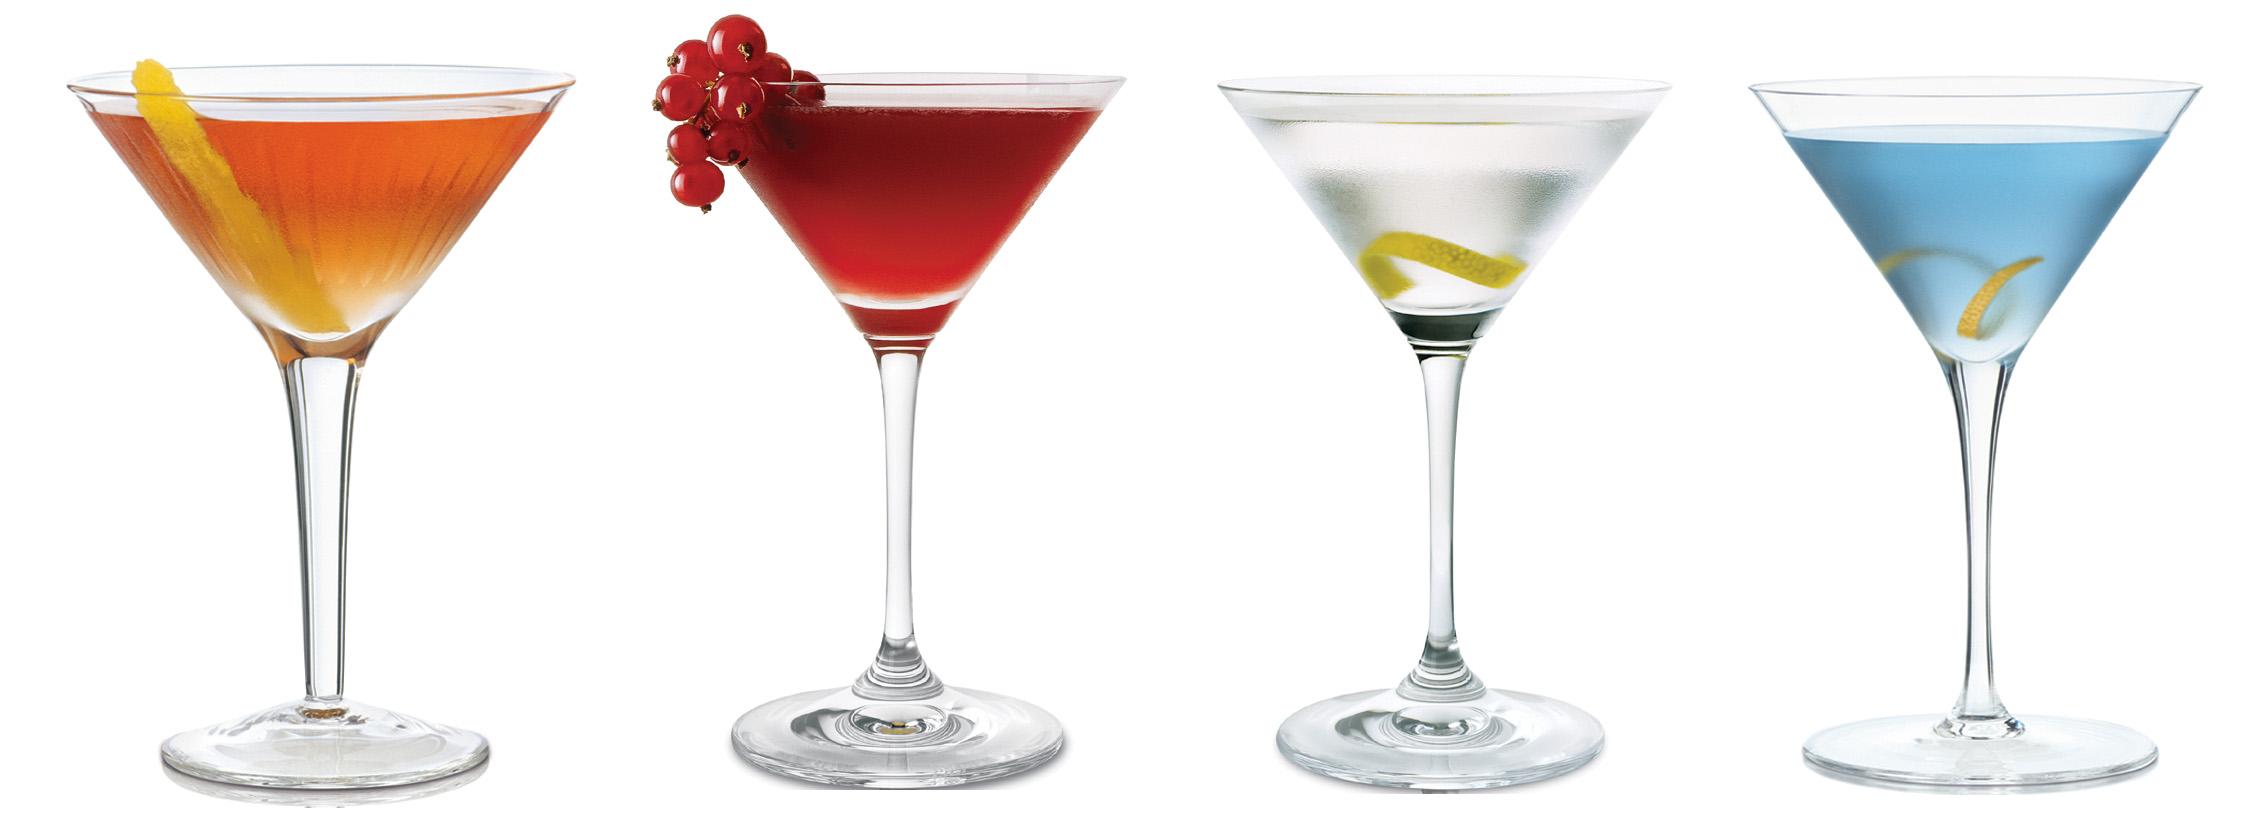 diete da evitare alcolici